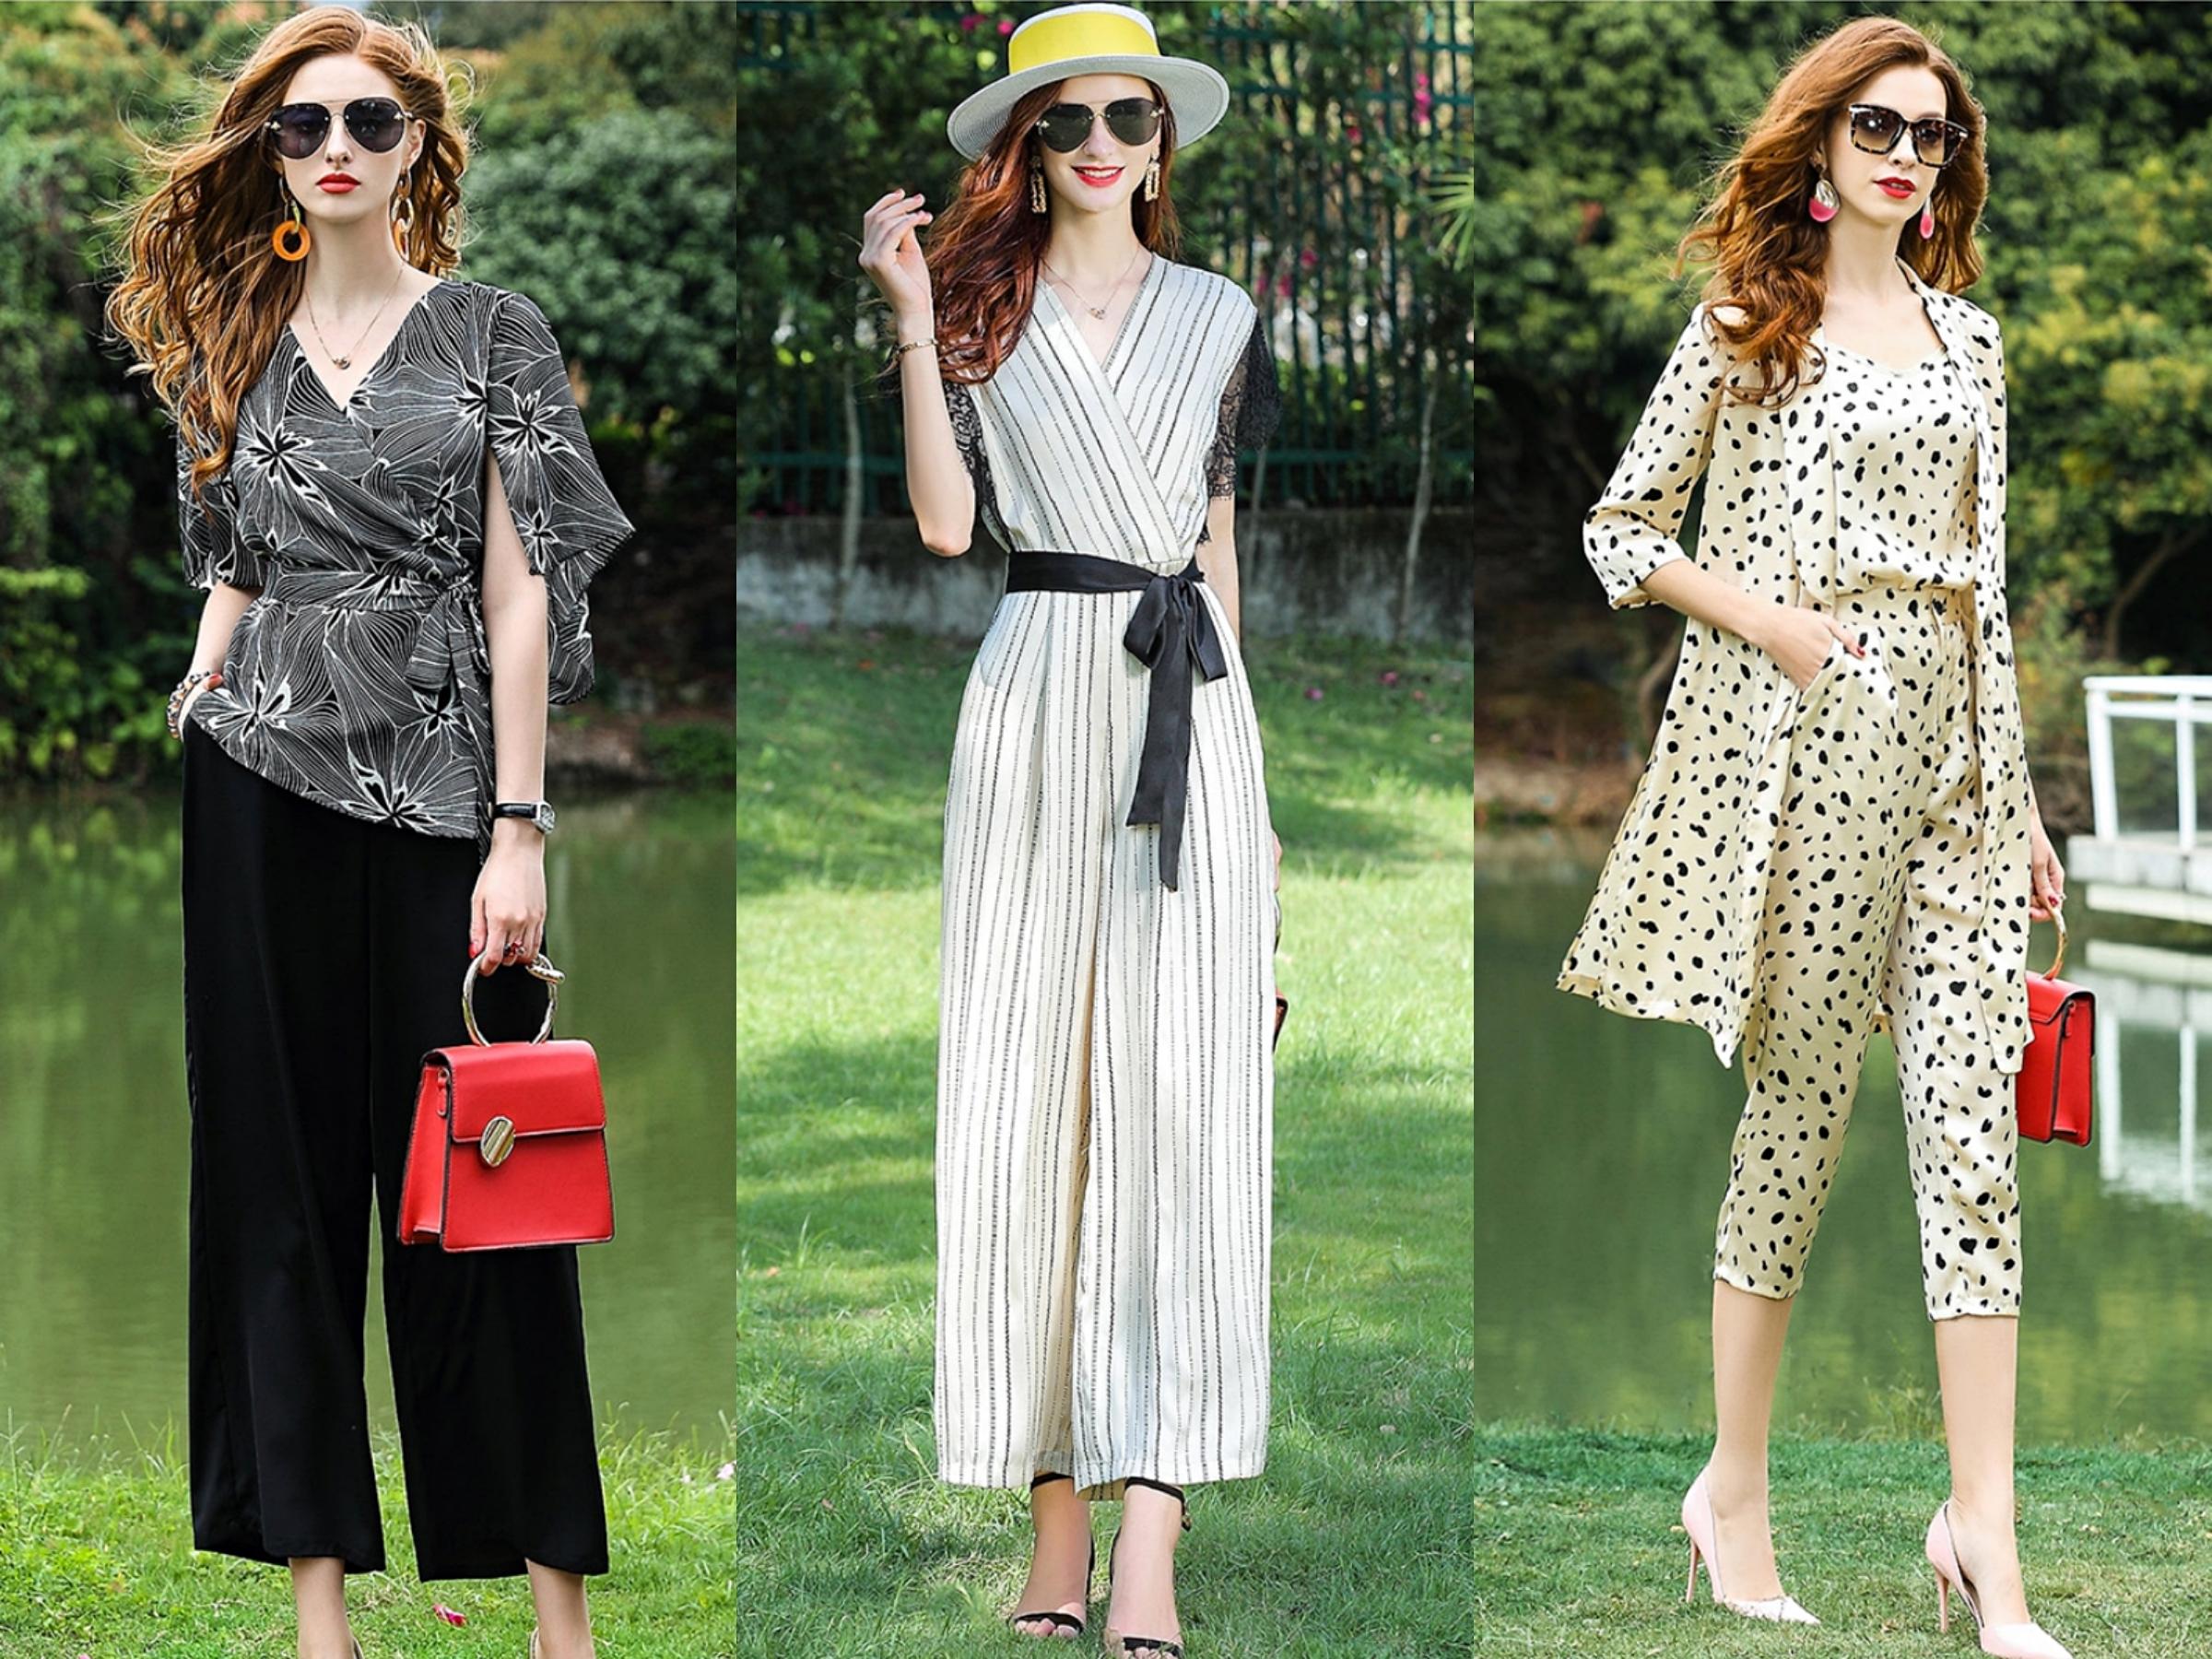 四十岁女人穿搭,舒适的夏日轻熟风,优雅有质感